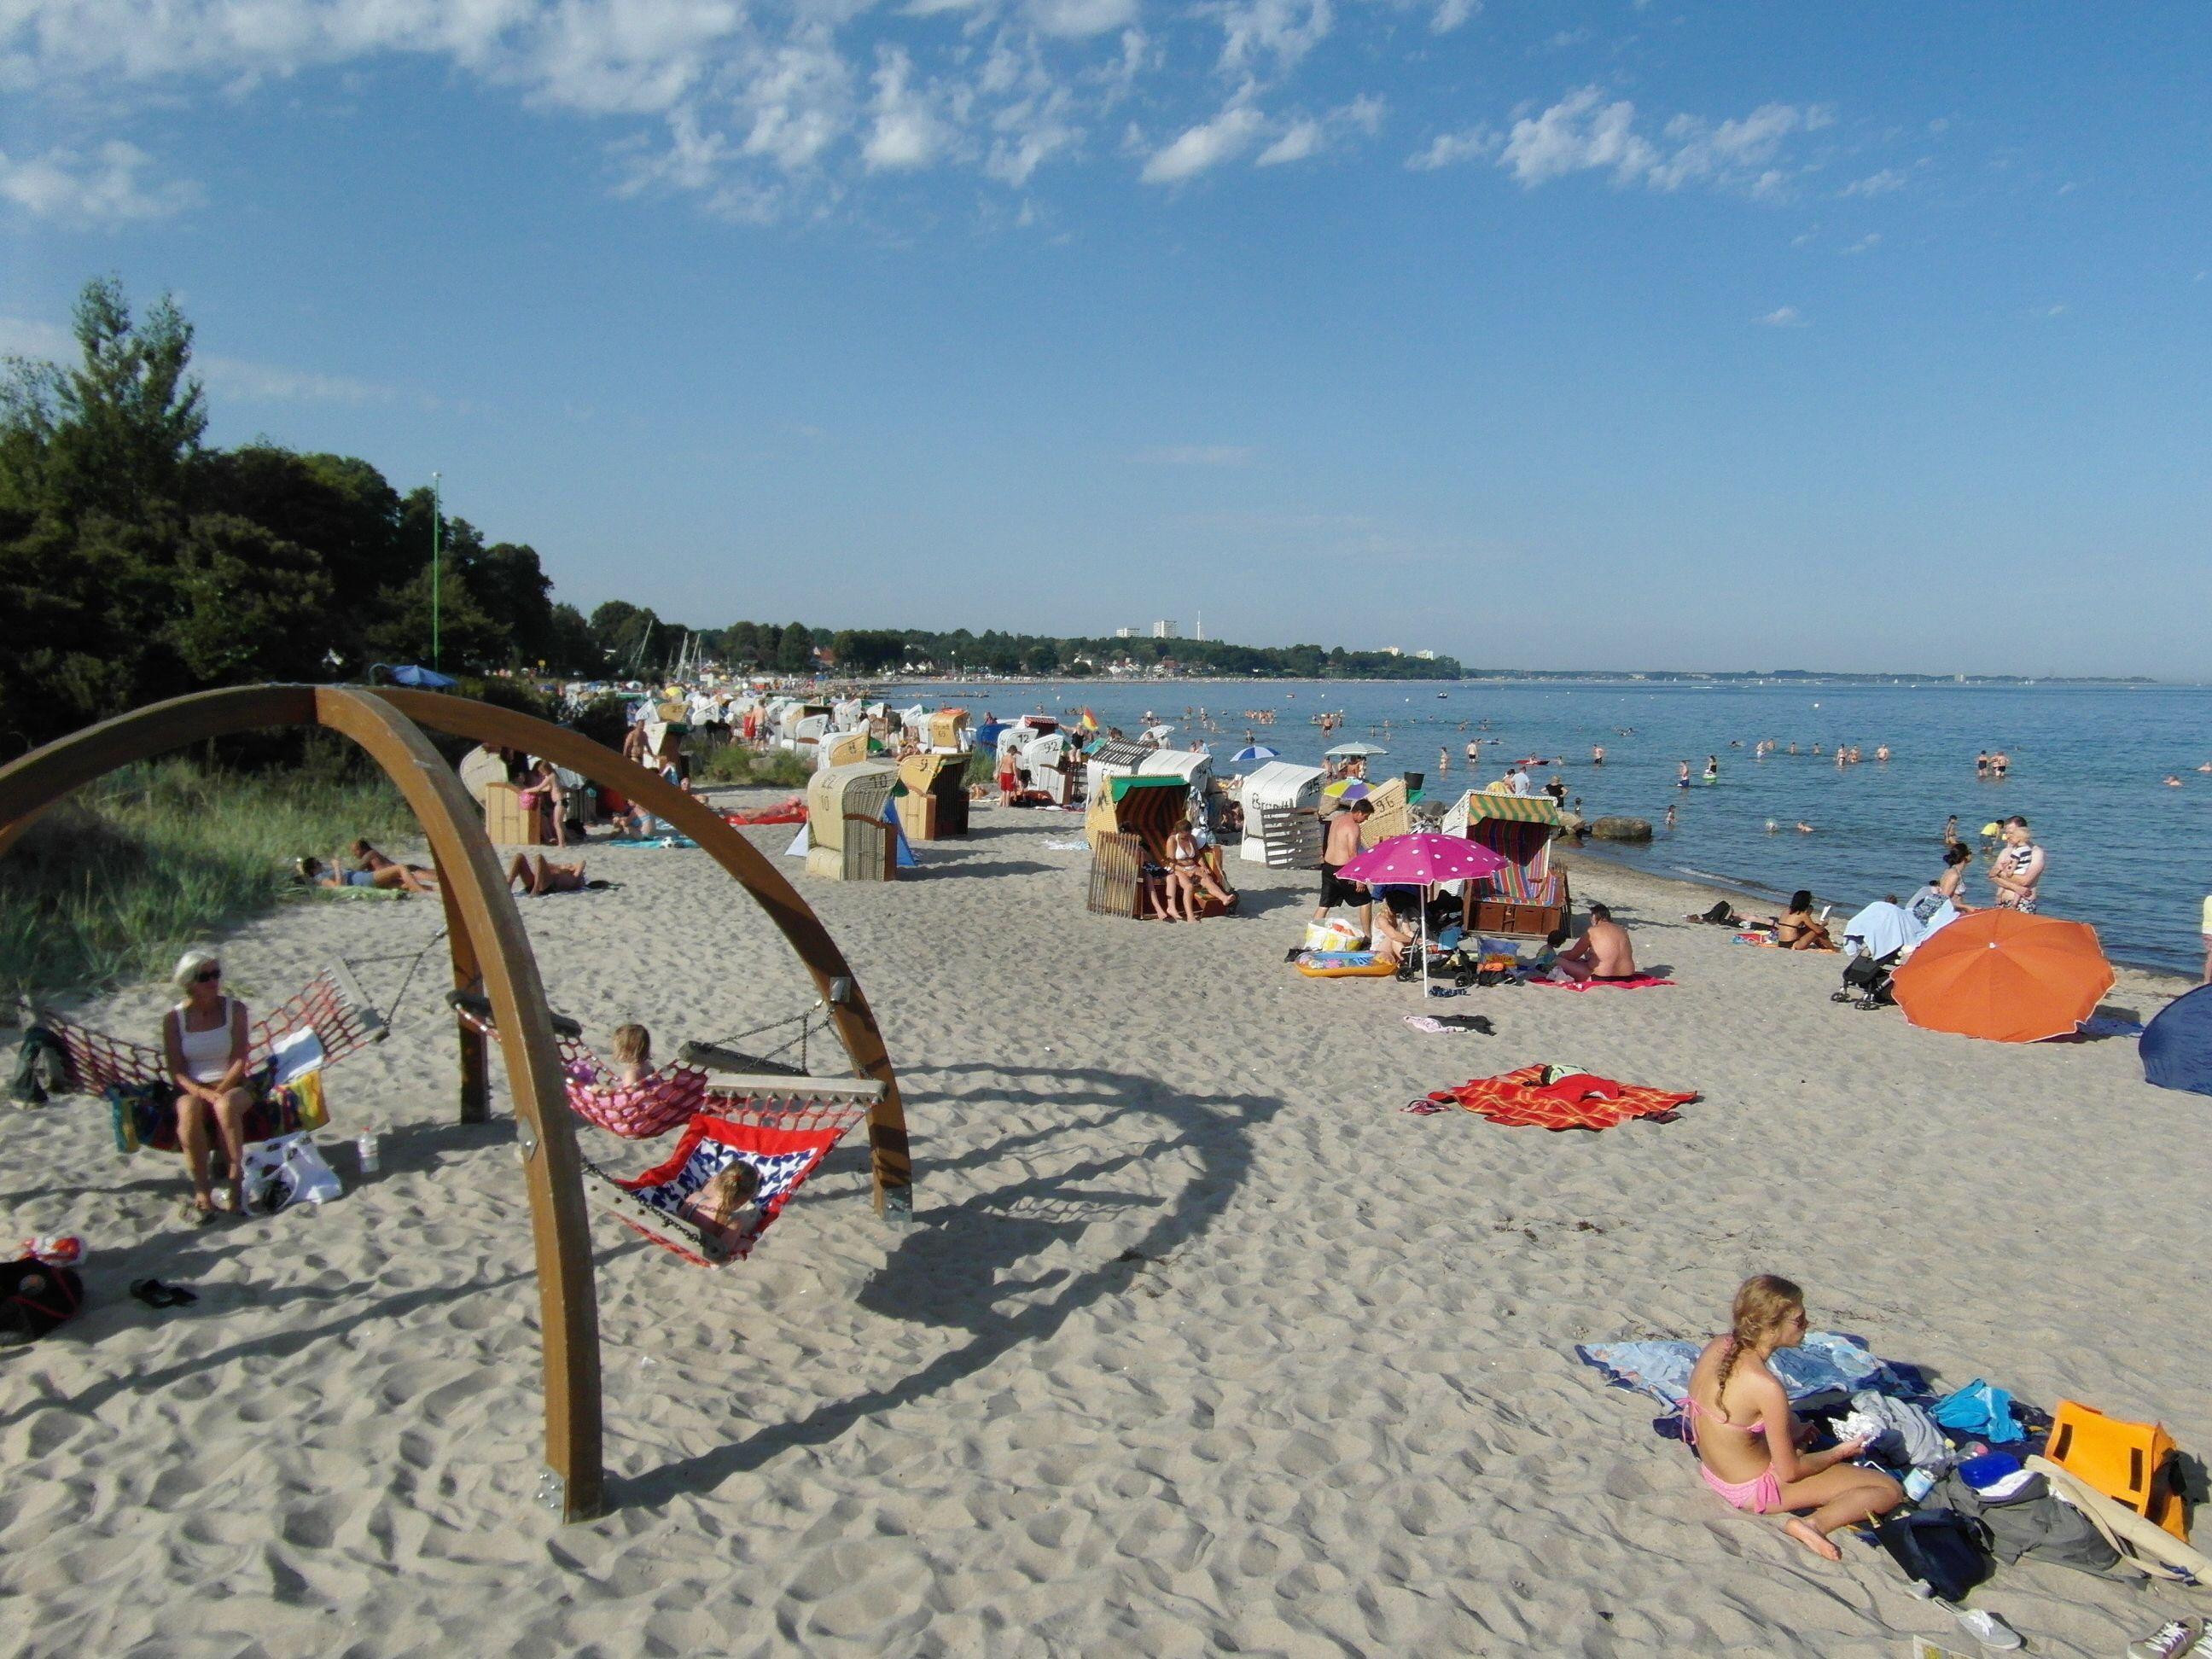 Der wunderbare Strand der Ostsee - Scharbeutz http://www.ostseeurlaub-mit-stil.com